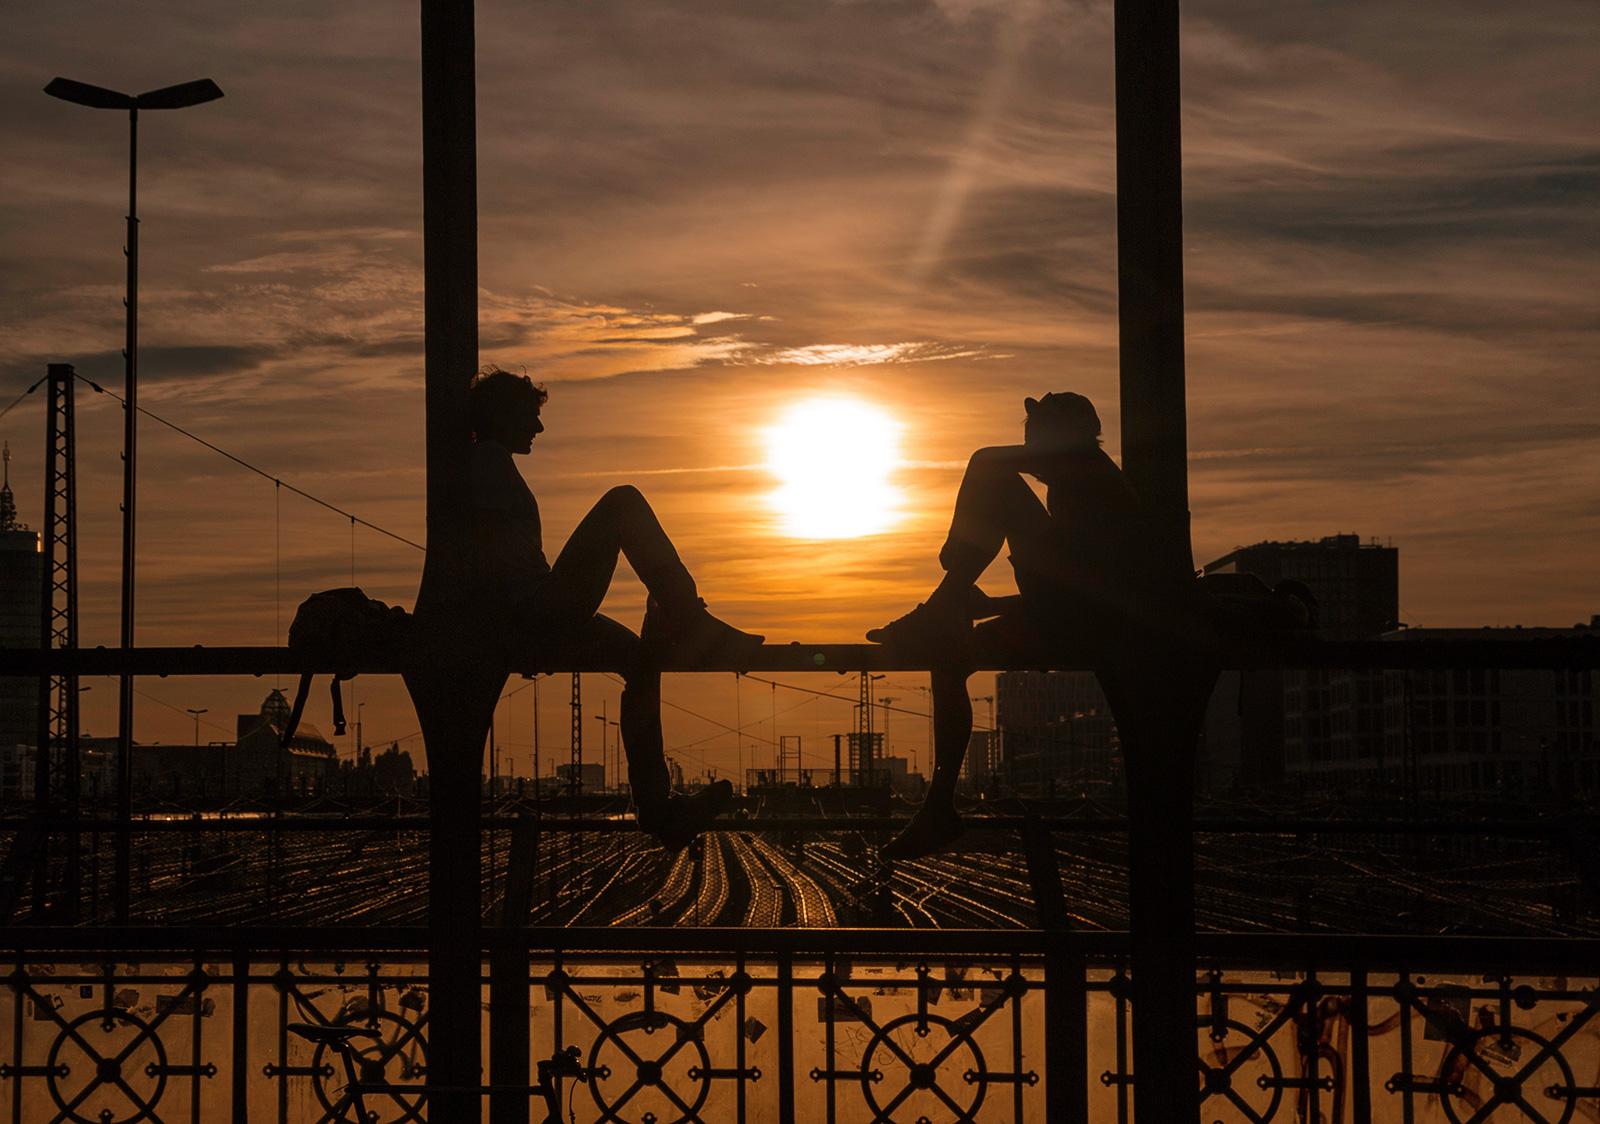 Sonnenuntergang an der Hackerbrücke, München